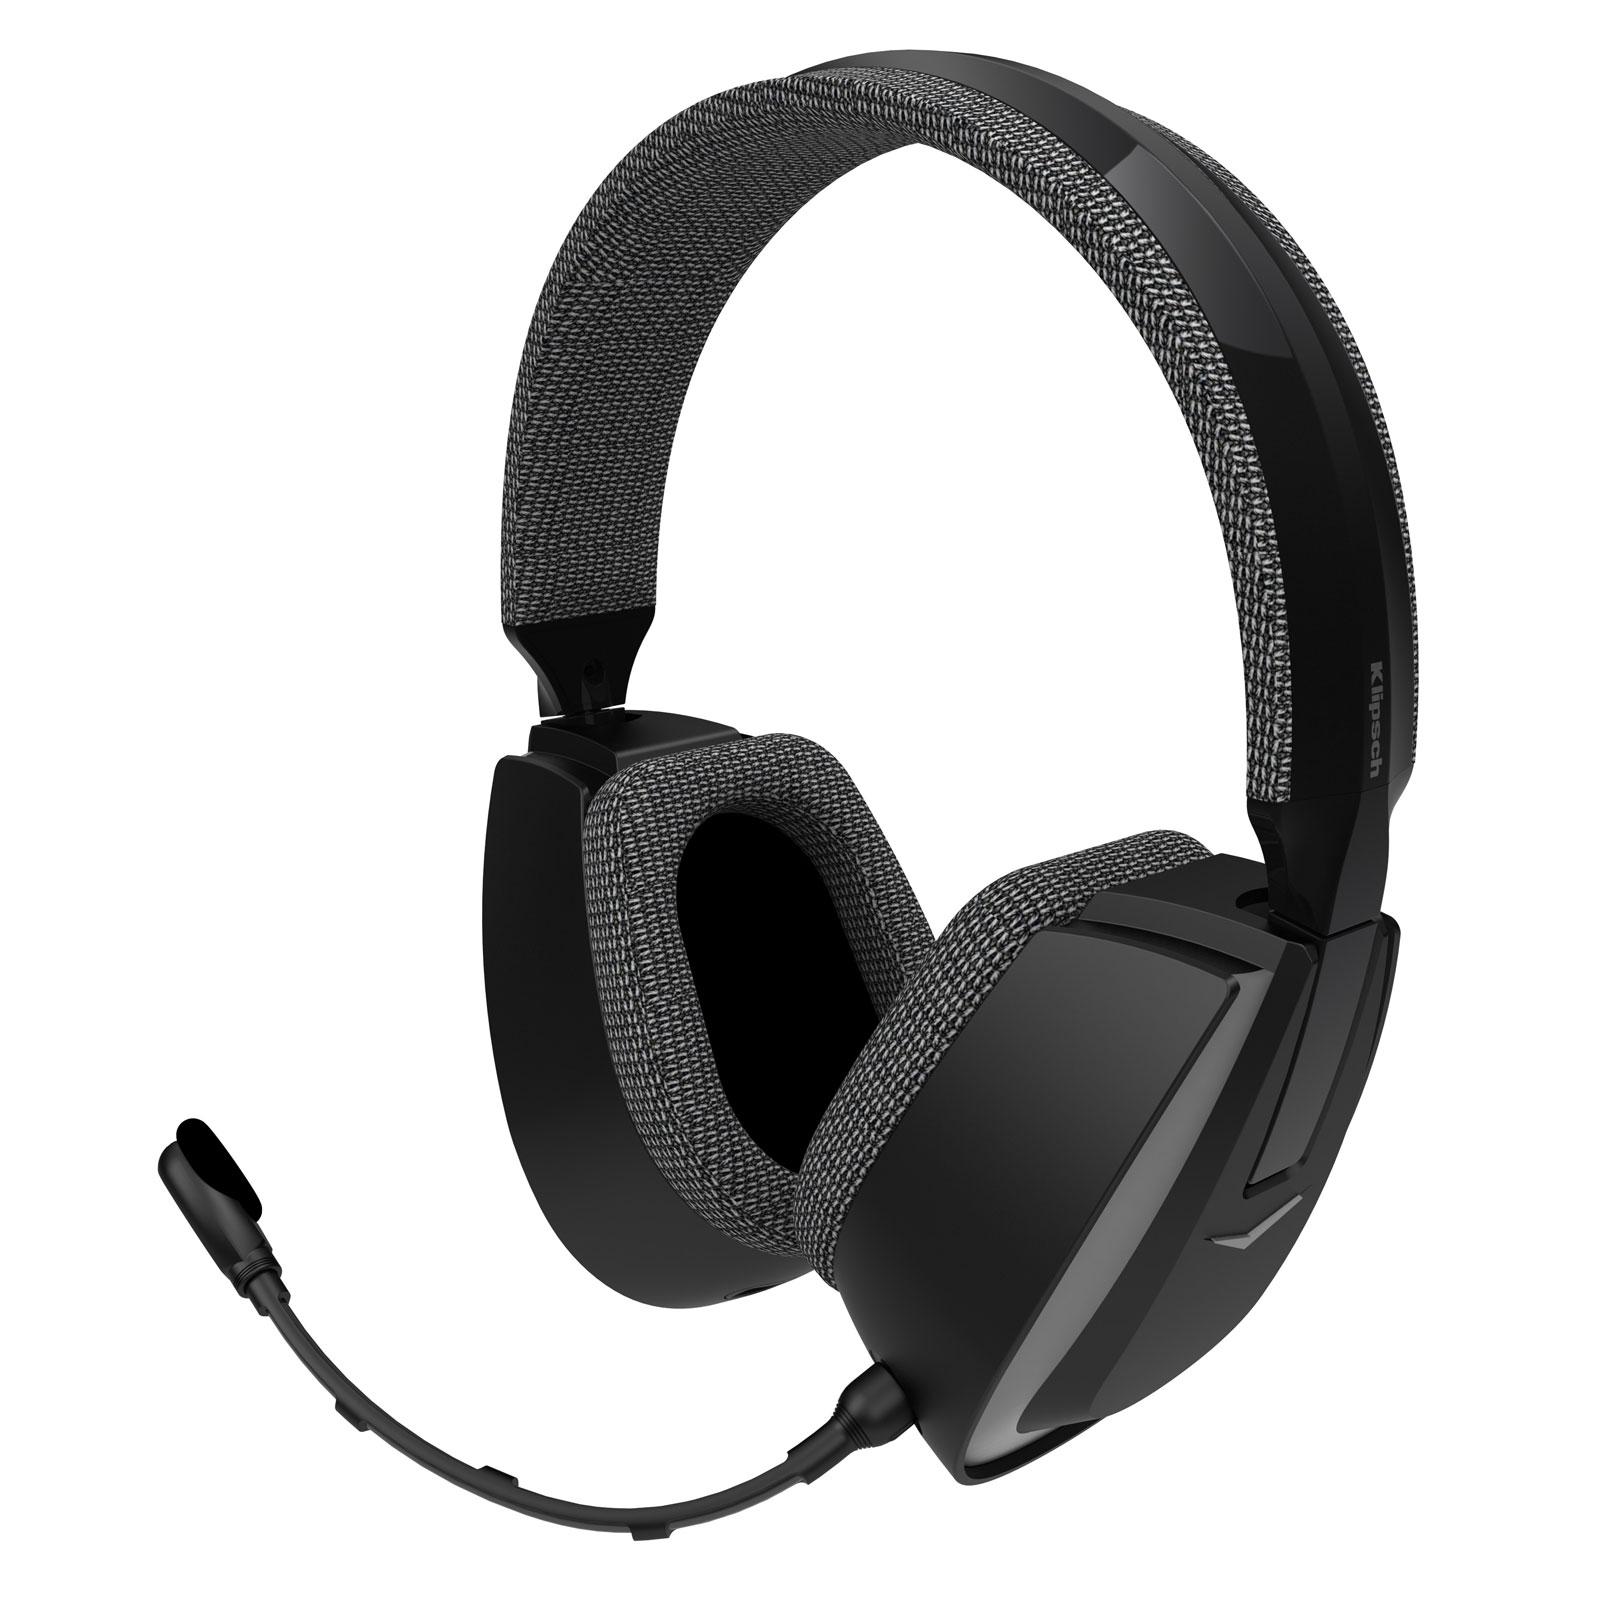 Klipsch earbuds s4 - headphones ps4 pc